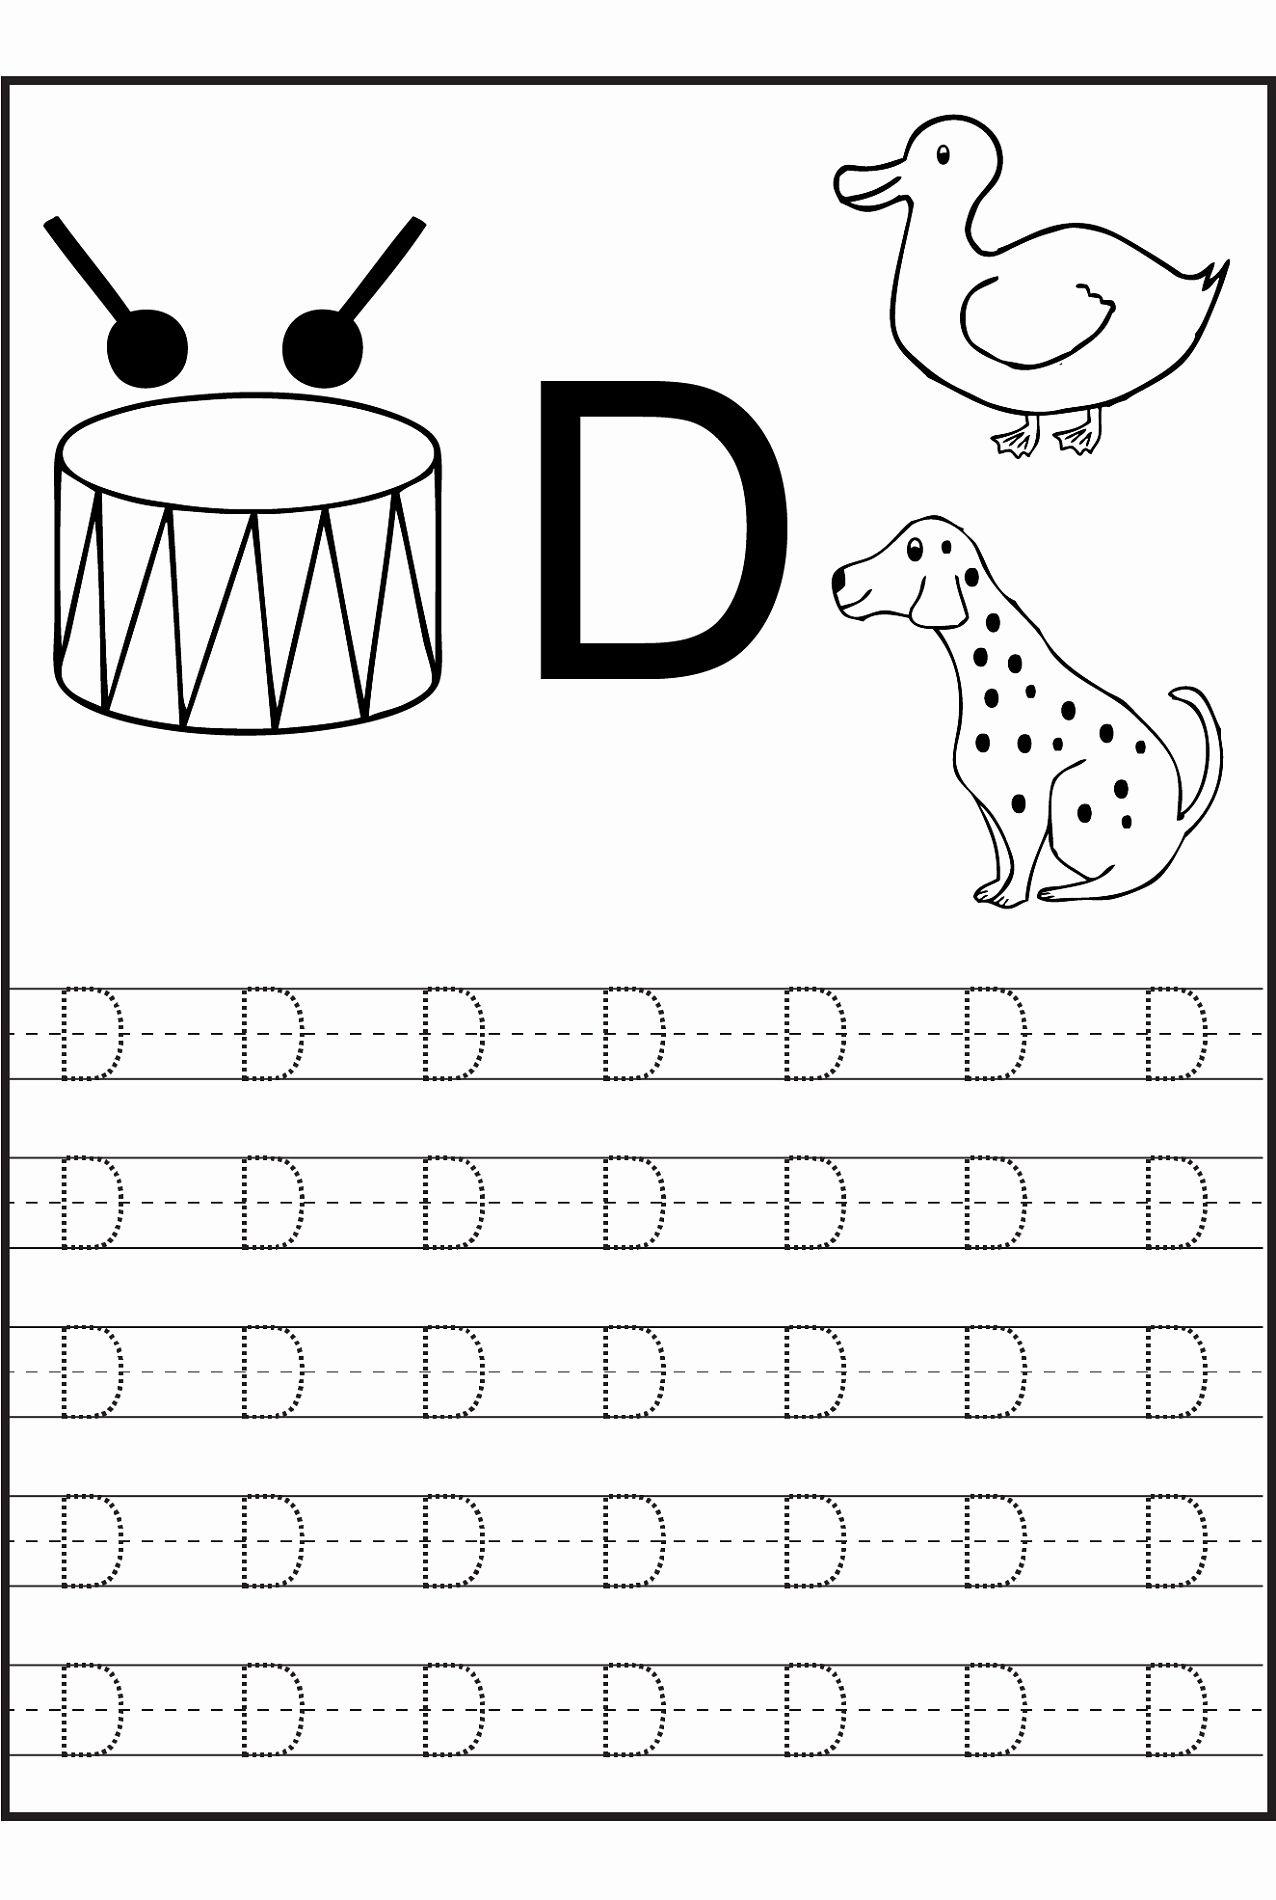 Letter D Worksheet For Preschool Beautiful Letter D Crafts For Preschool Preschool In 2020 Alphabet Tracing Worksheets Letter D Worksheet Alphabet Worksheets Preschool